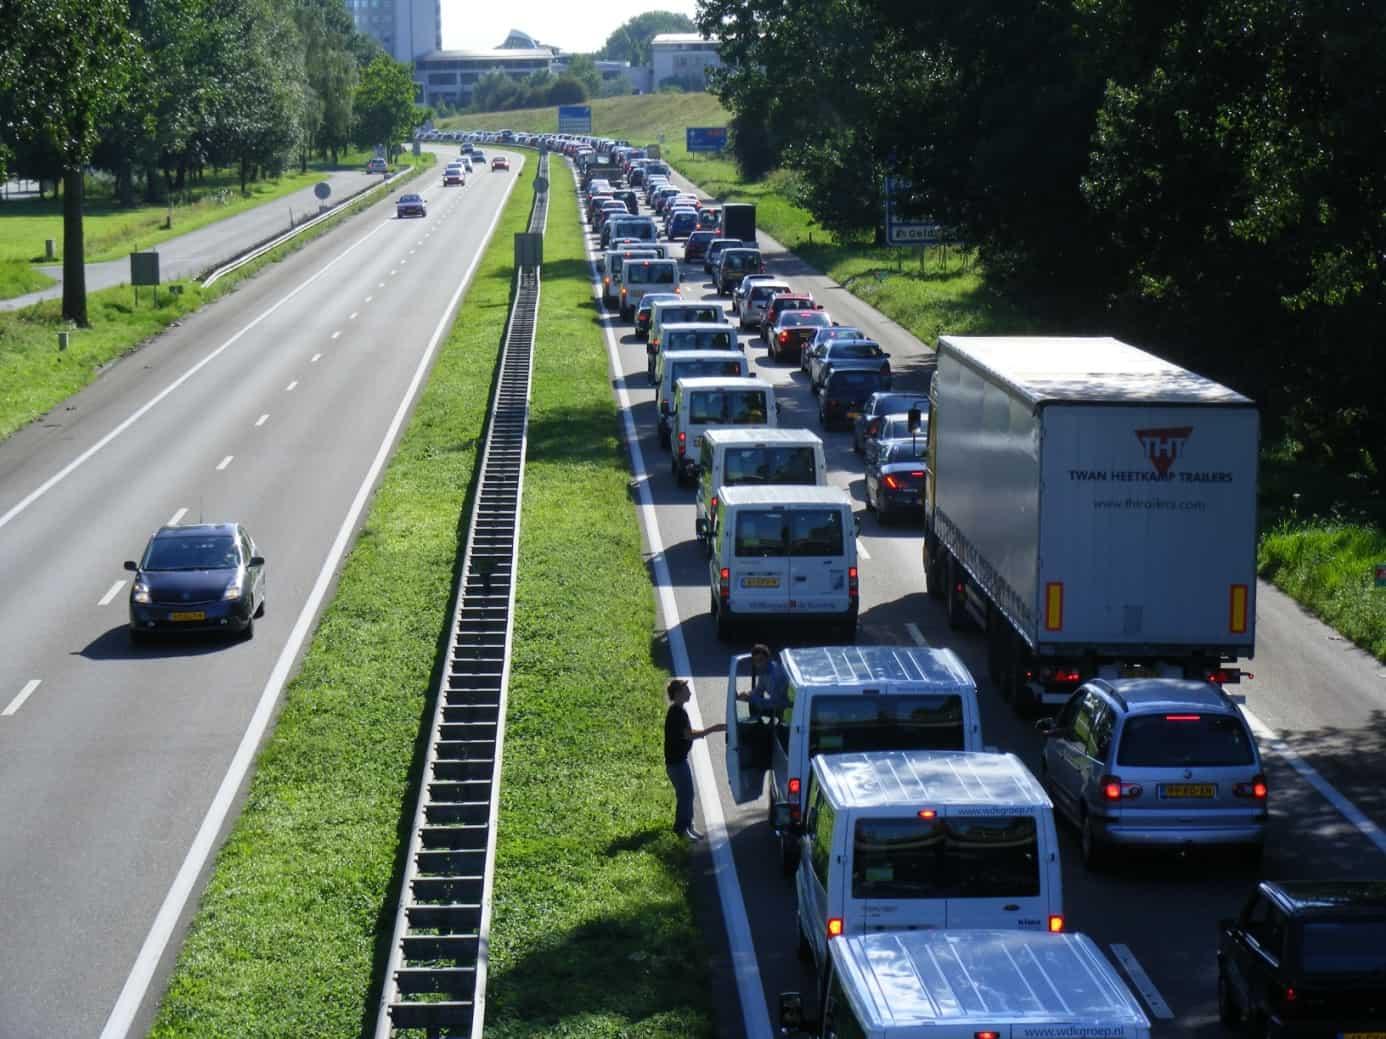 veilig op weg met de juiste autobanden